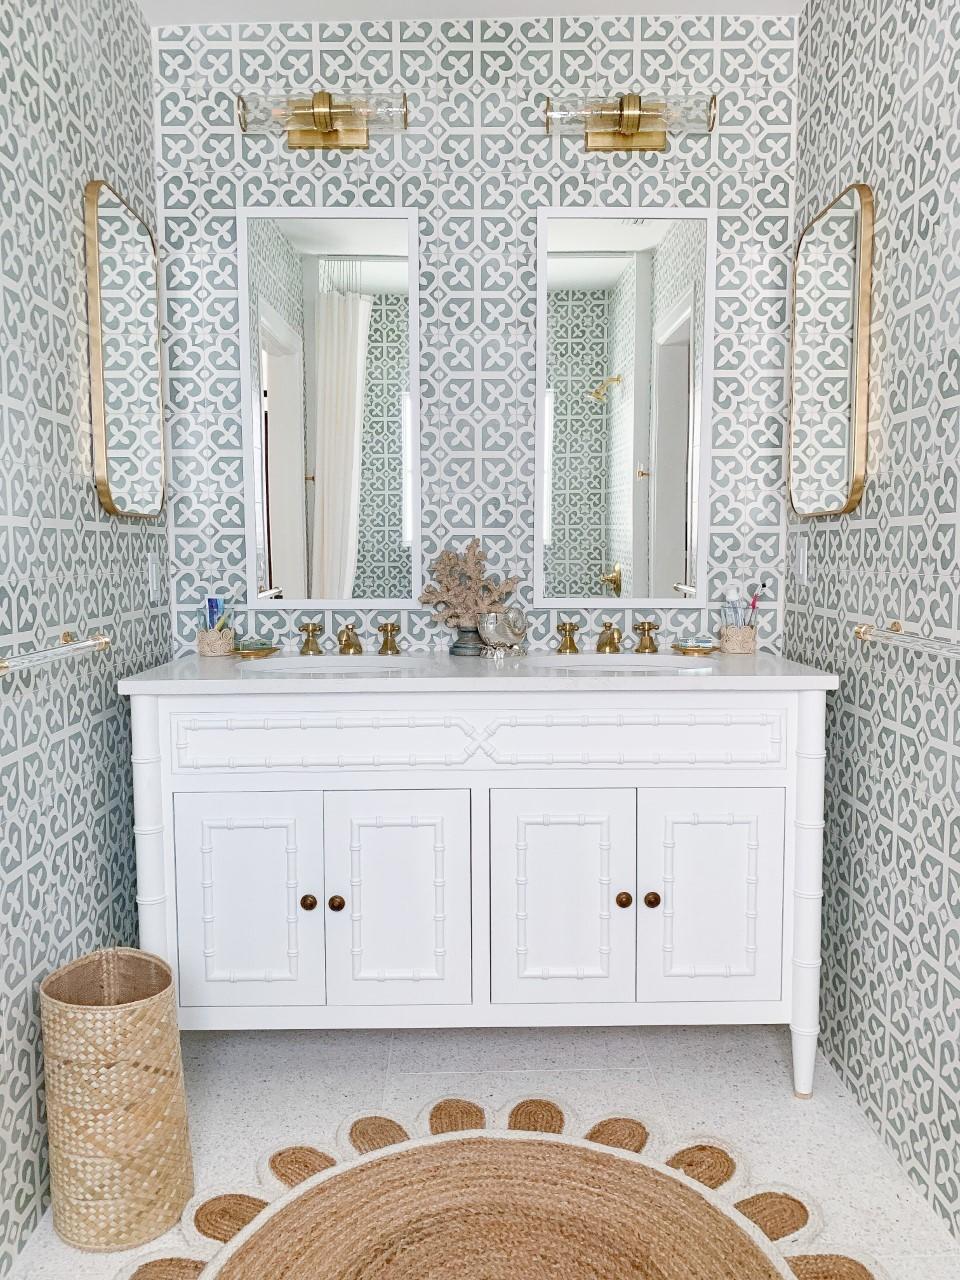 dual sinks of the mastr bathster Bath